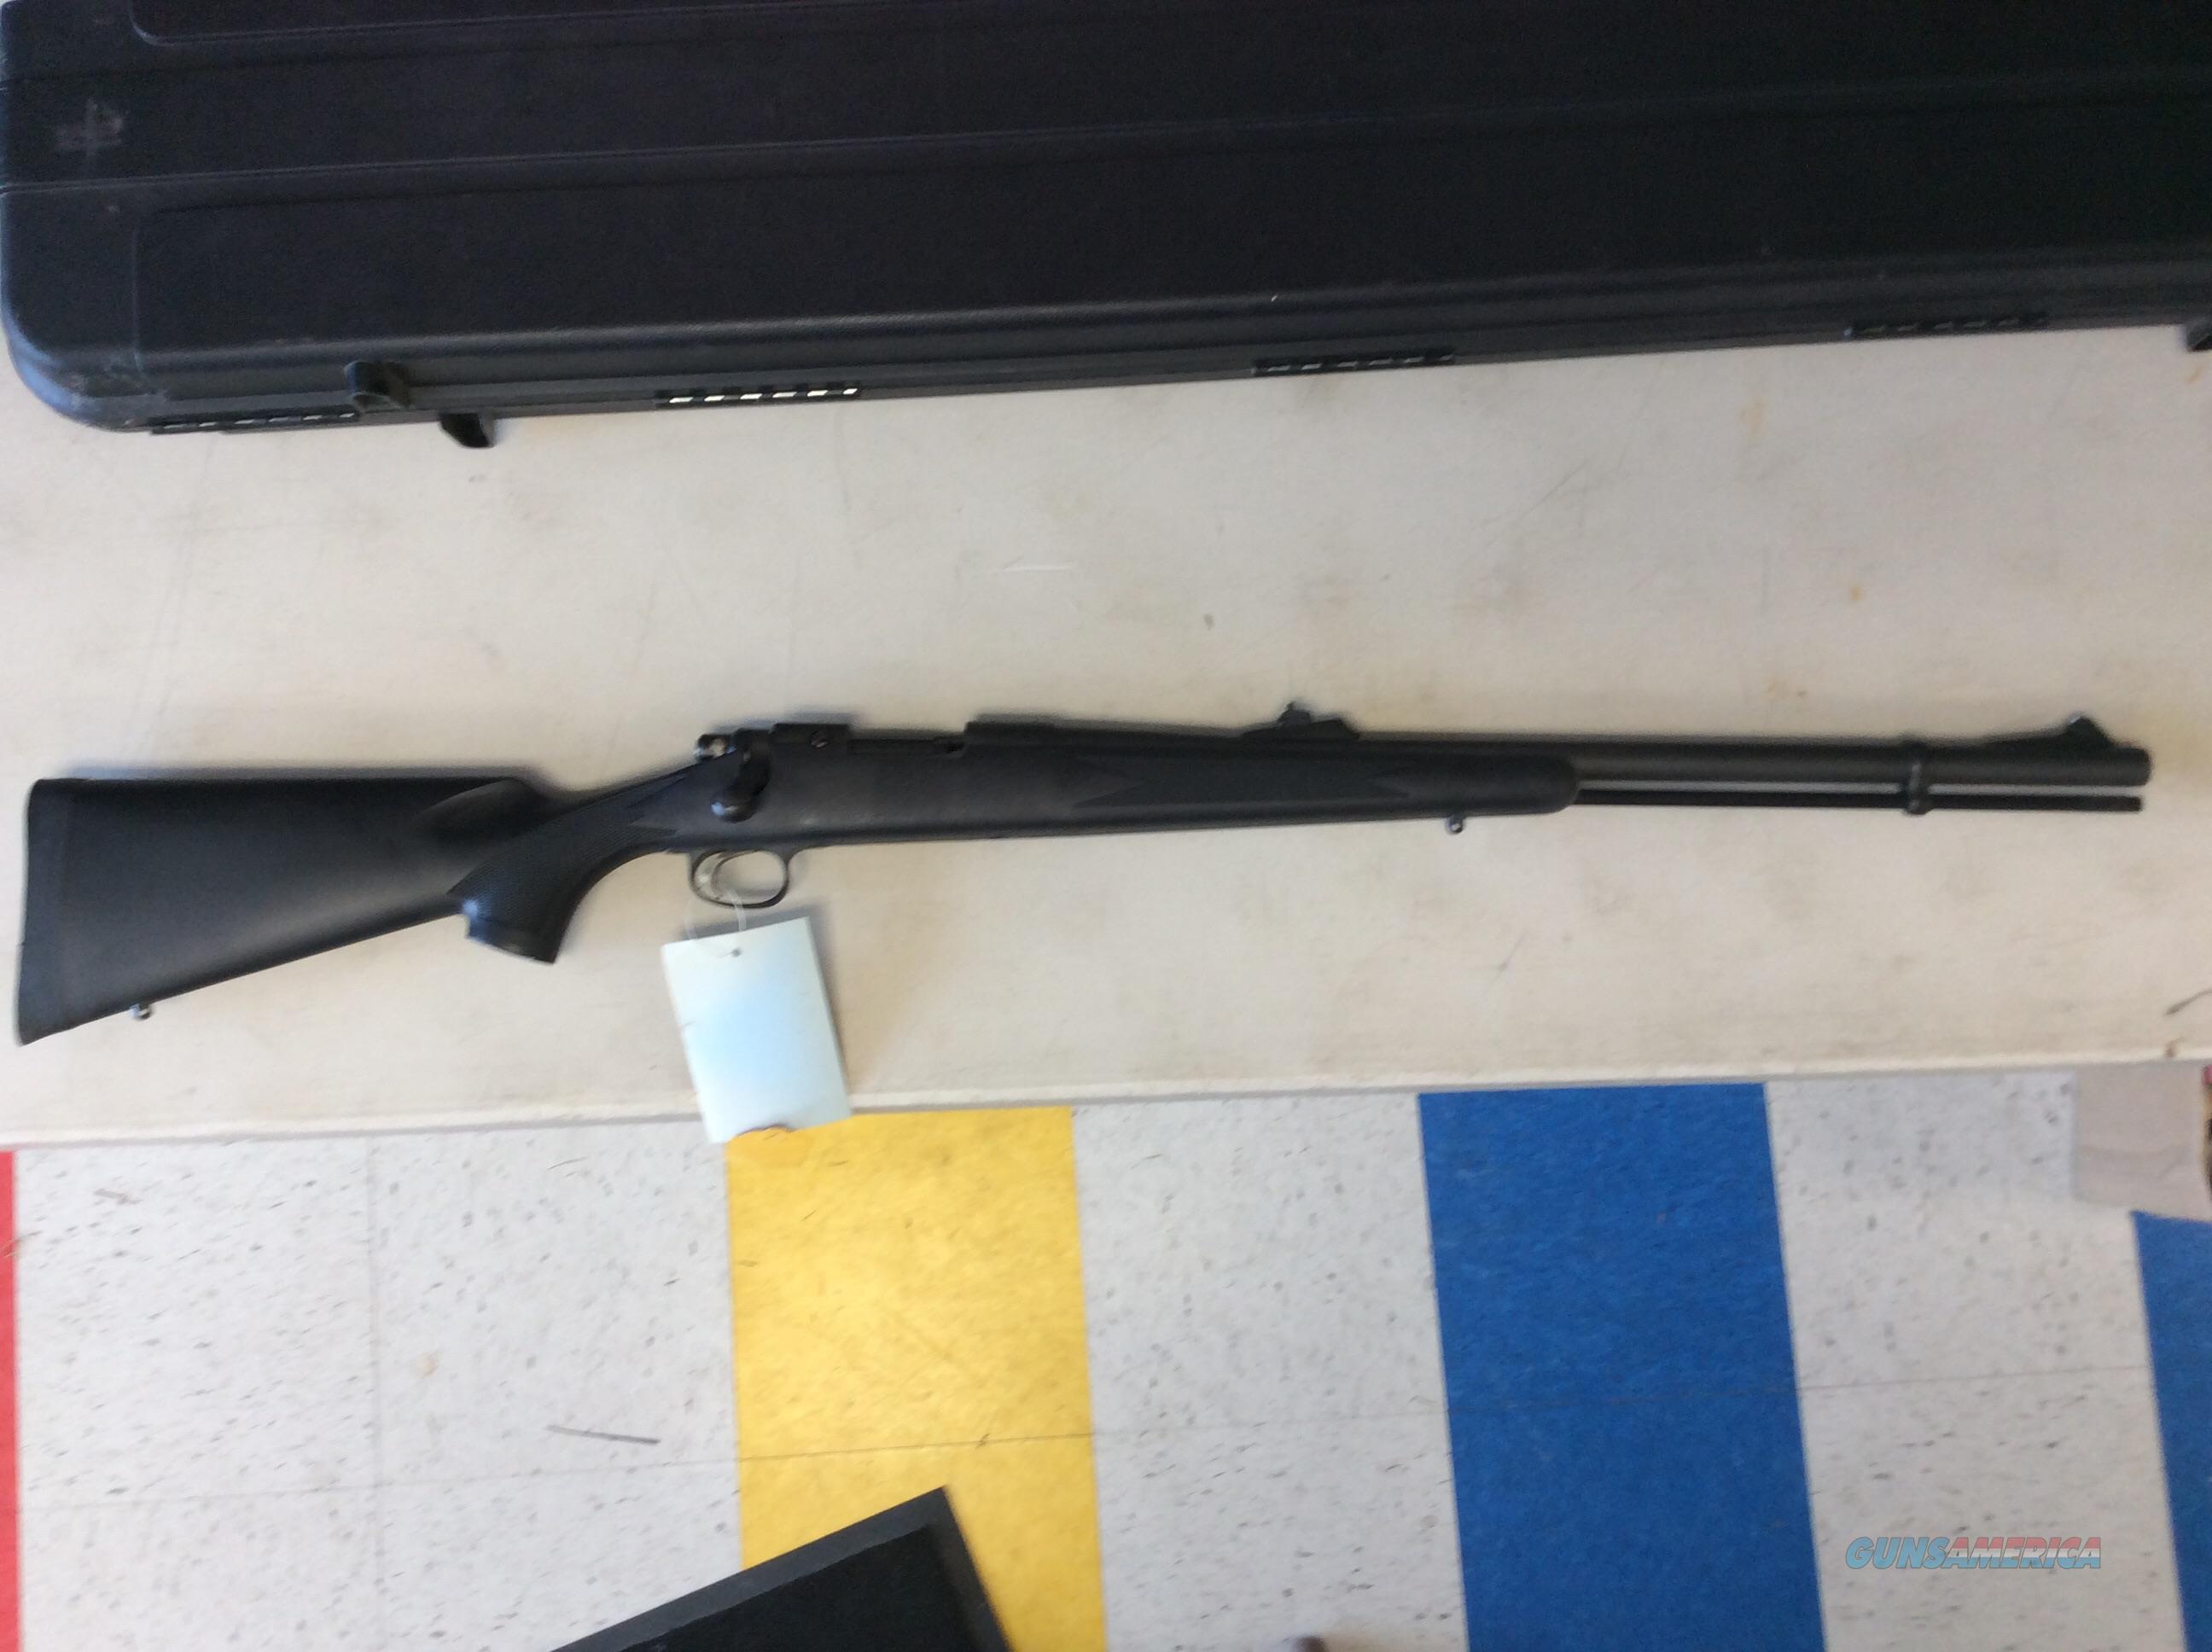 Remington model 700 .50 black powder rifle  Guns > Rifles > Remington Rifles - Modern > Model 700 > Sporting